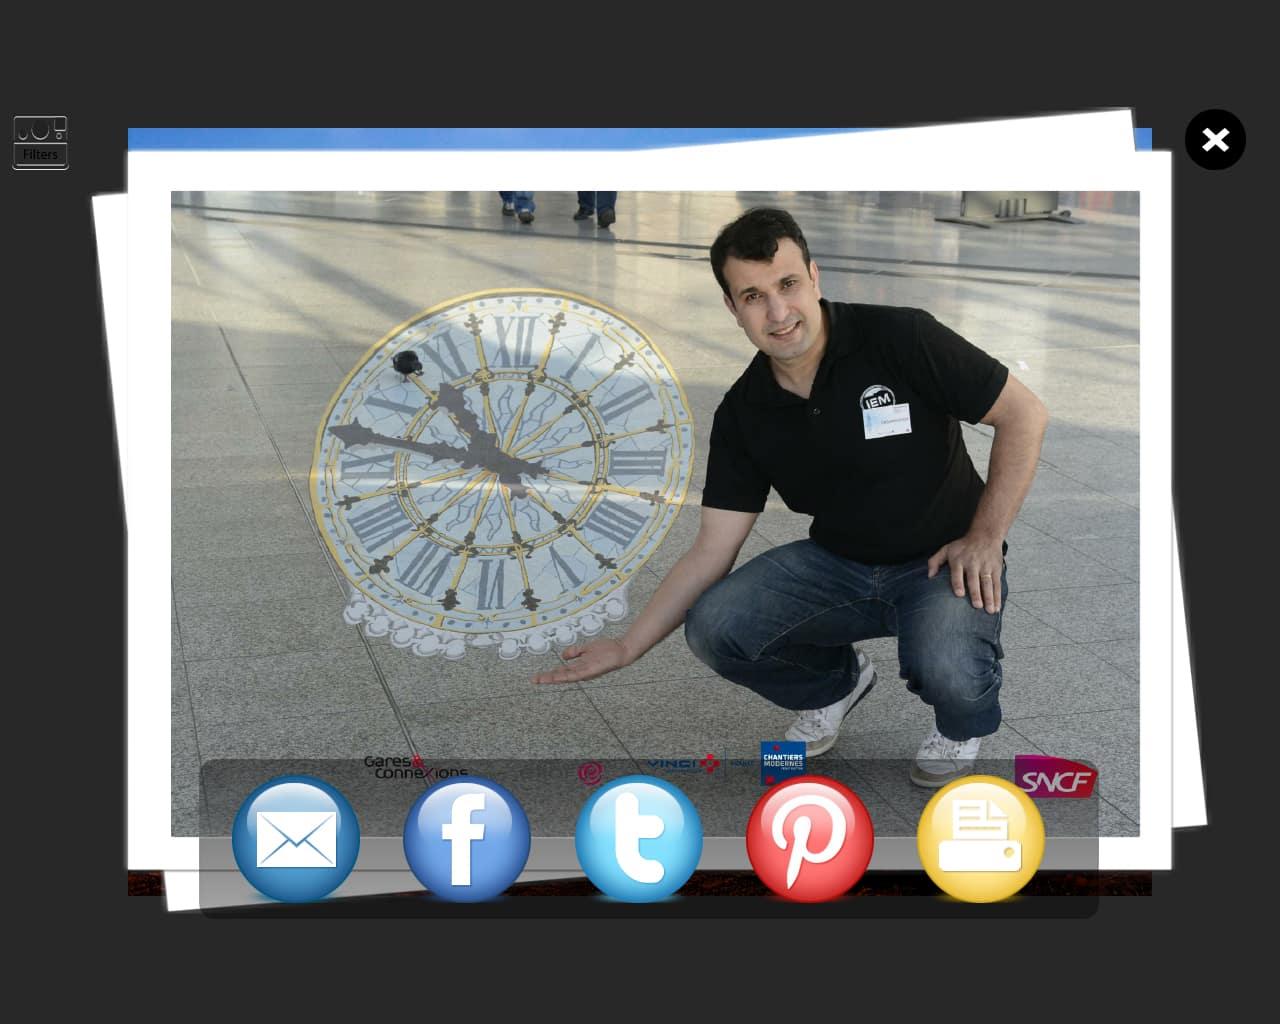 resea - Envoi en live vers les réseaux sociaux depuis les bornes photos